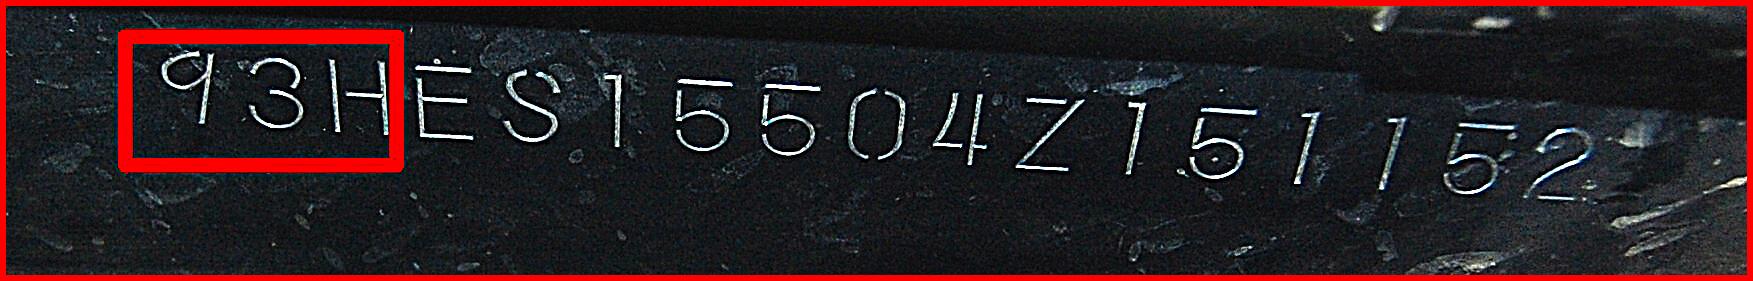 93h honda